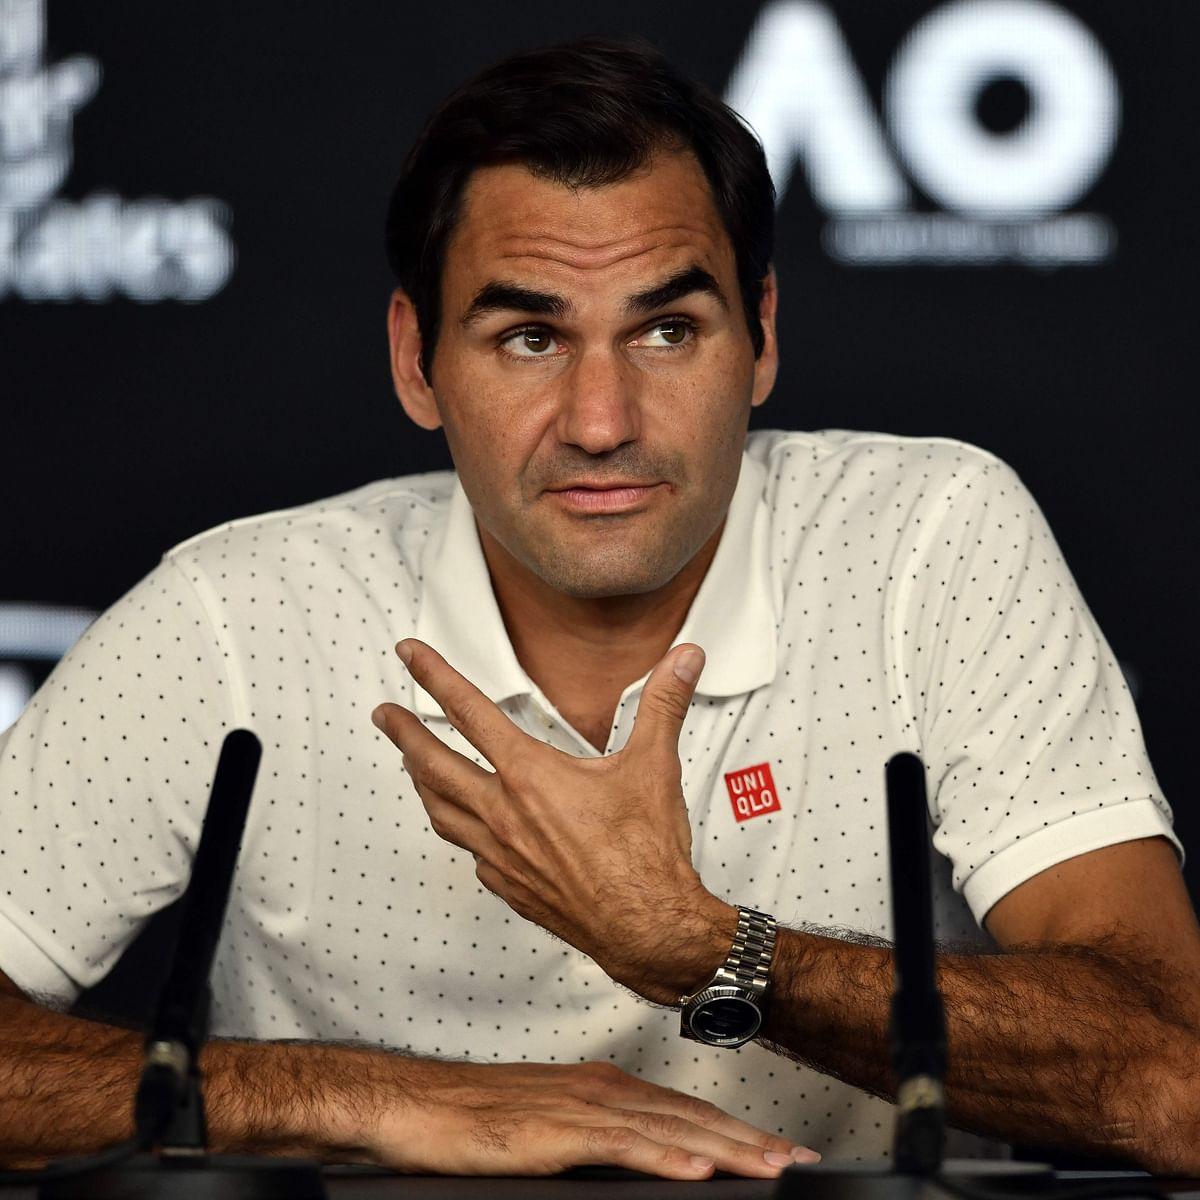 Roger Federer blasts lack of communication